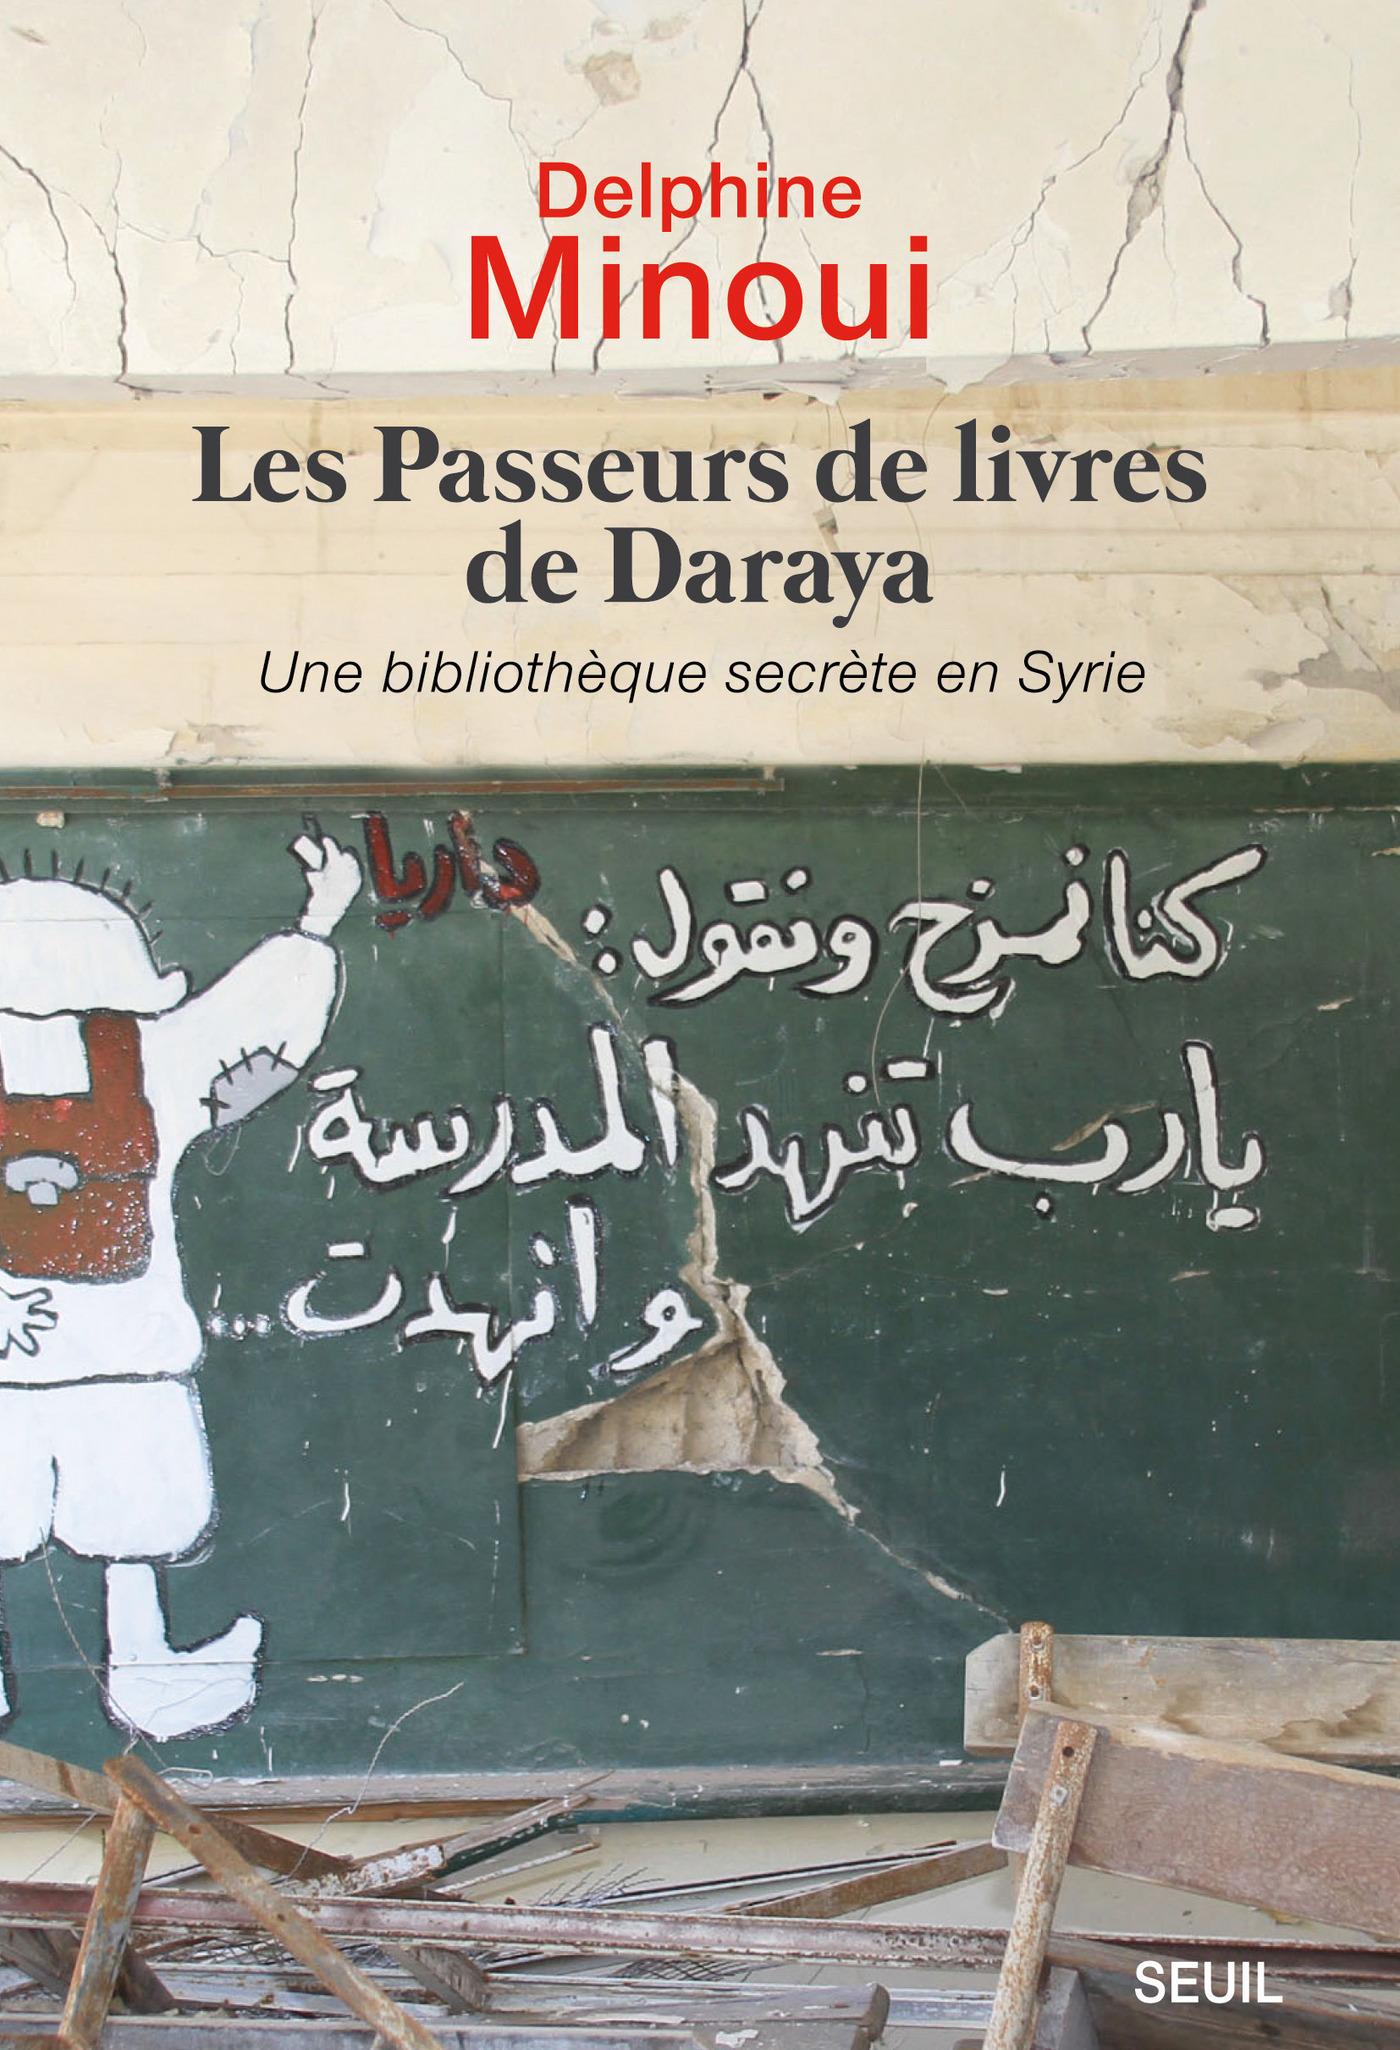 Les Passeurs de livres de Daraya. Une bibliothèque clandestine en Syrie